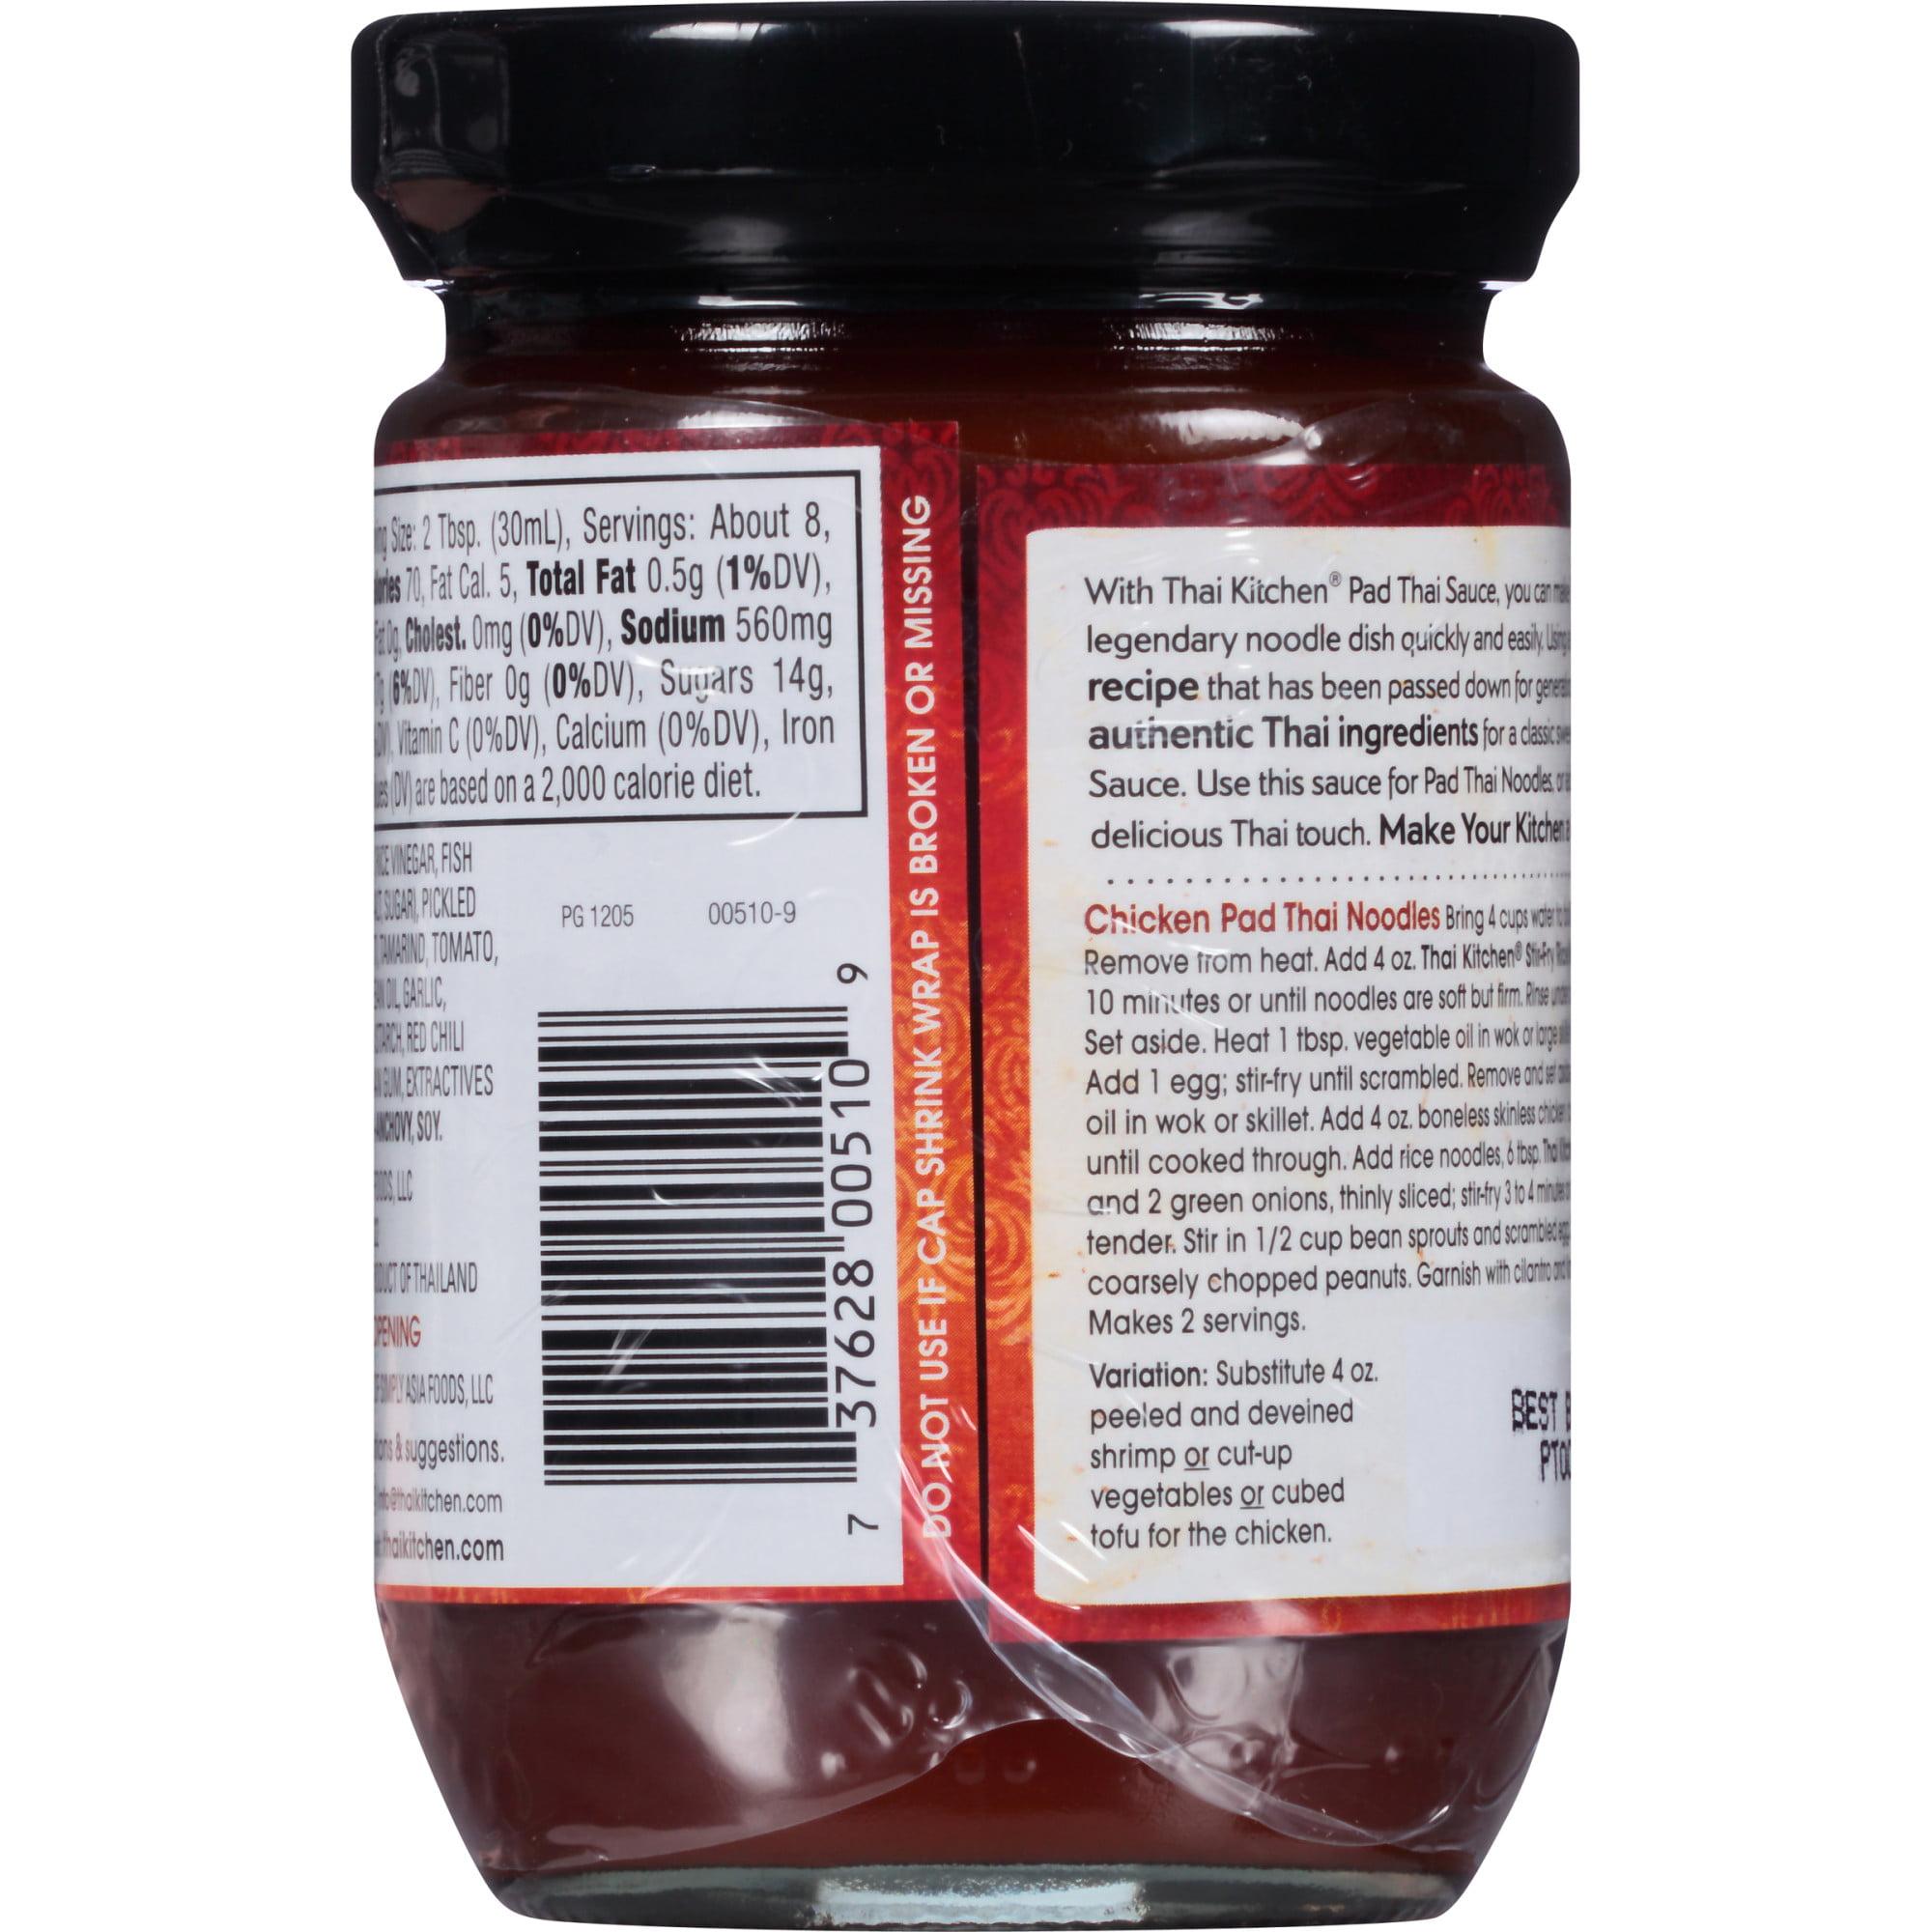 Thai Kitchen Gluten Free Pad Thai Sauce, 8 fl oz - Walmart.com